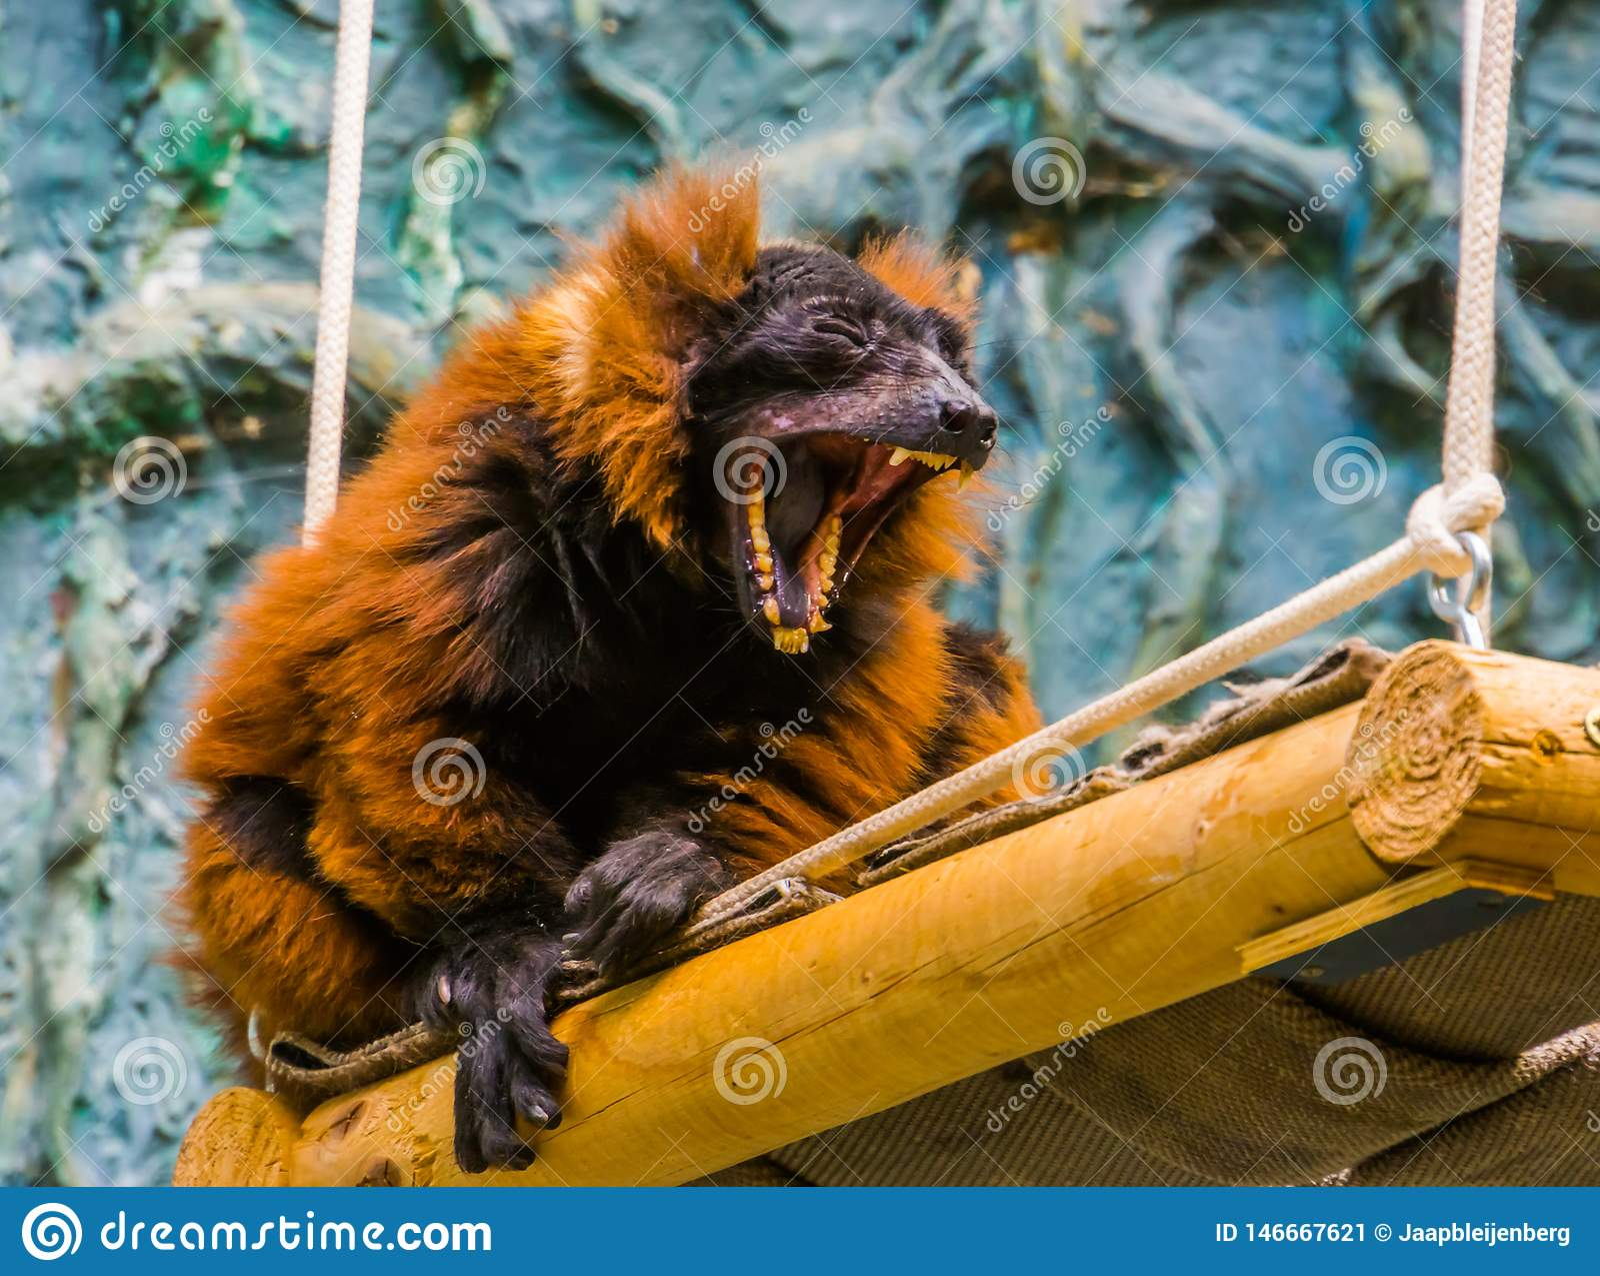 Singe ruffed rouge de lémur baîllant avec la bouche ouverte large, montrant son dentier avec des dents, primat drôle, en critique